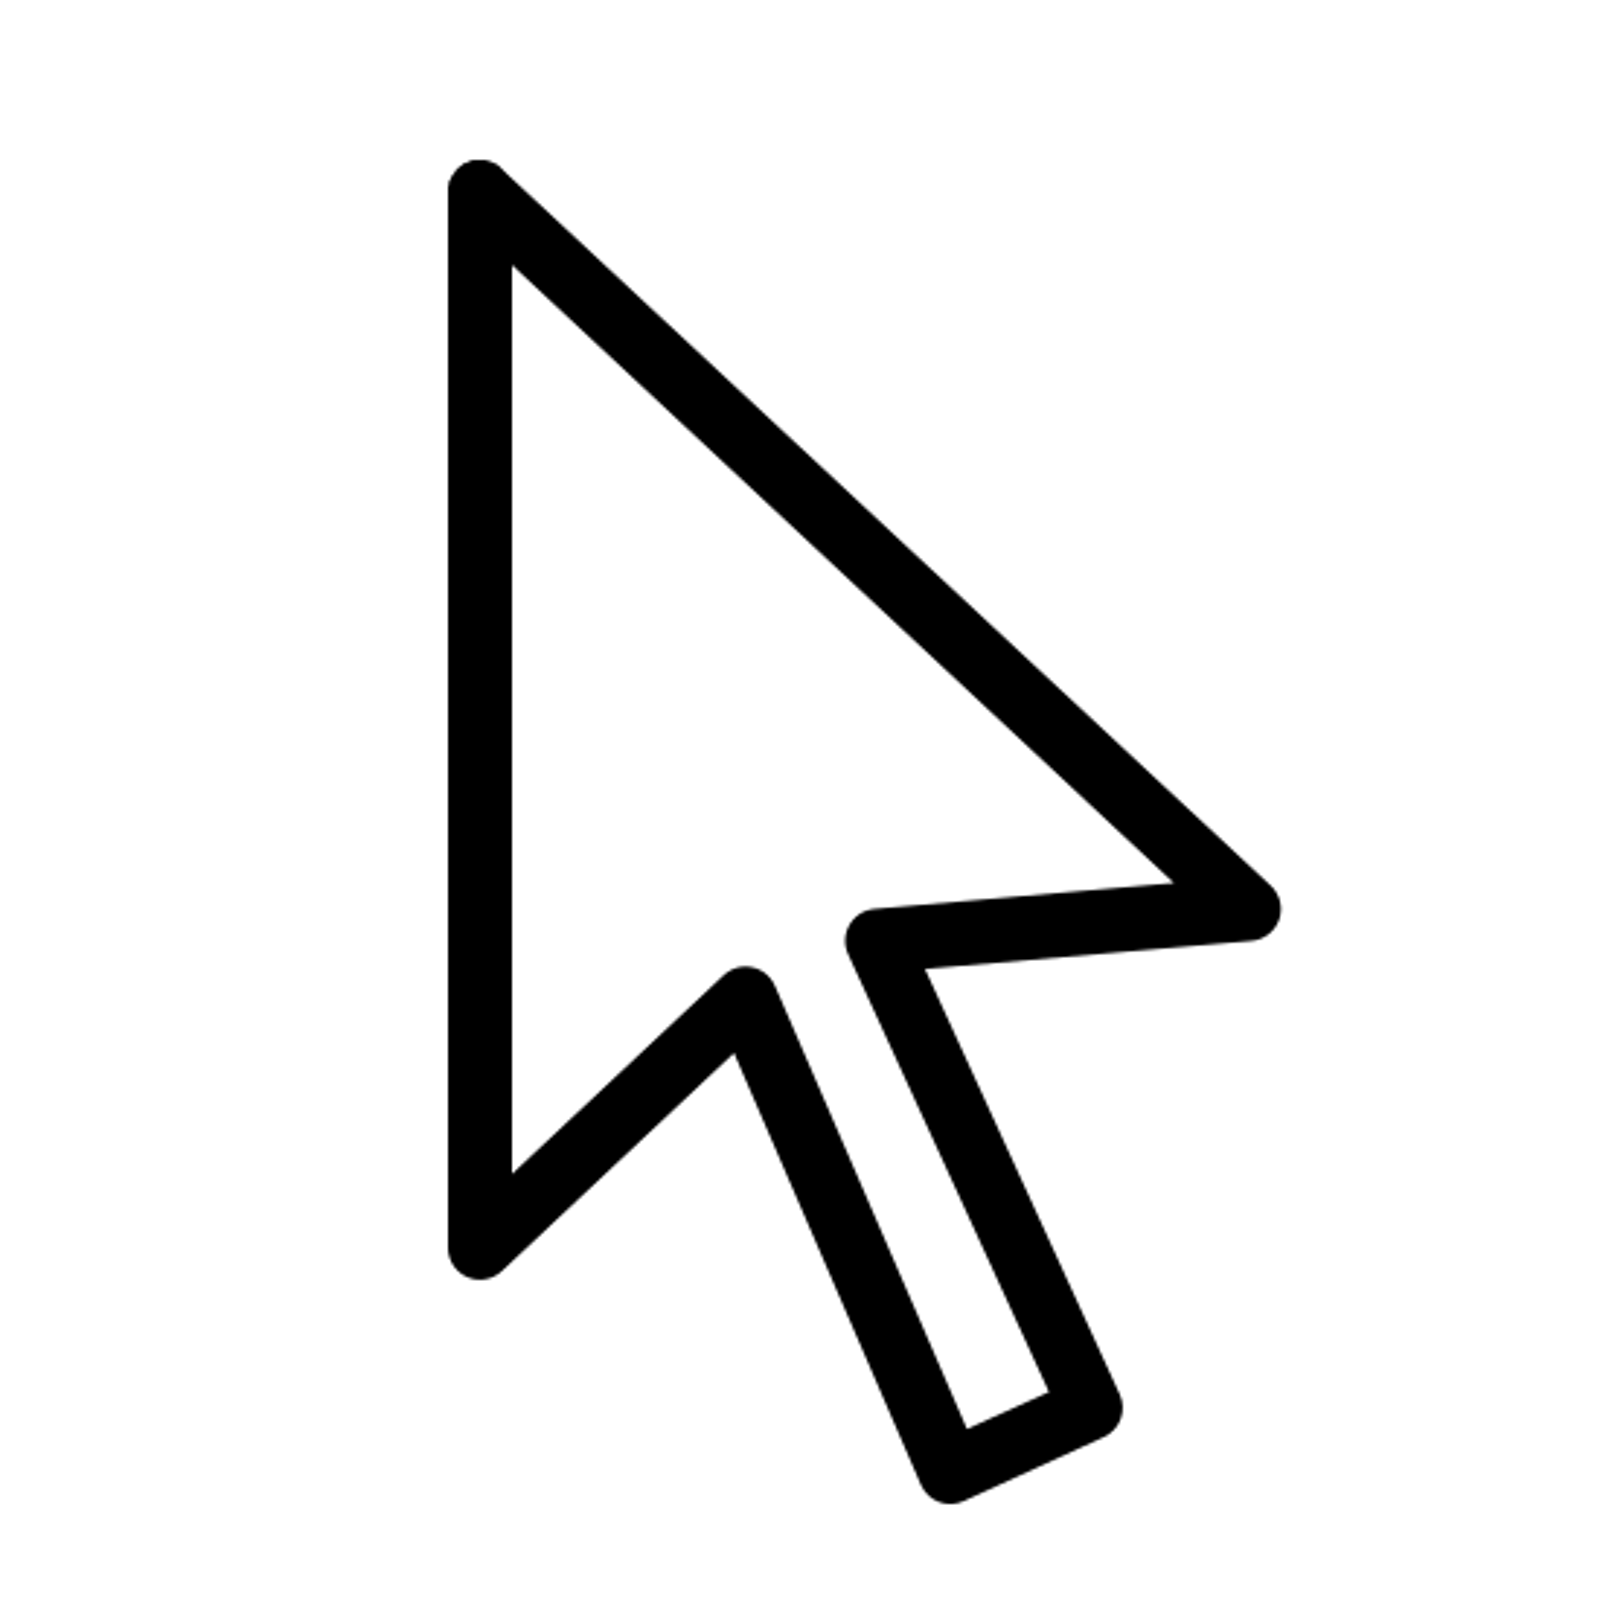 光标 icon